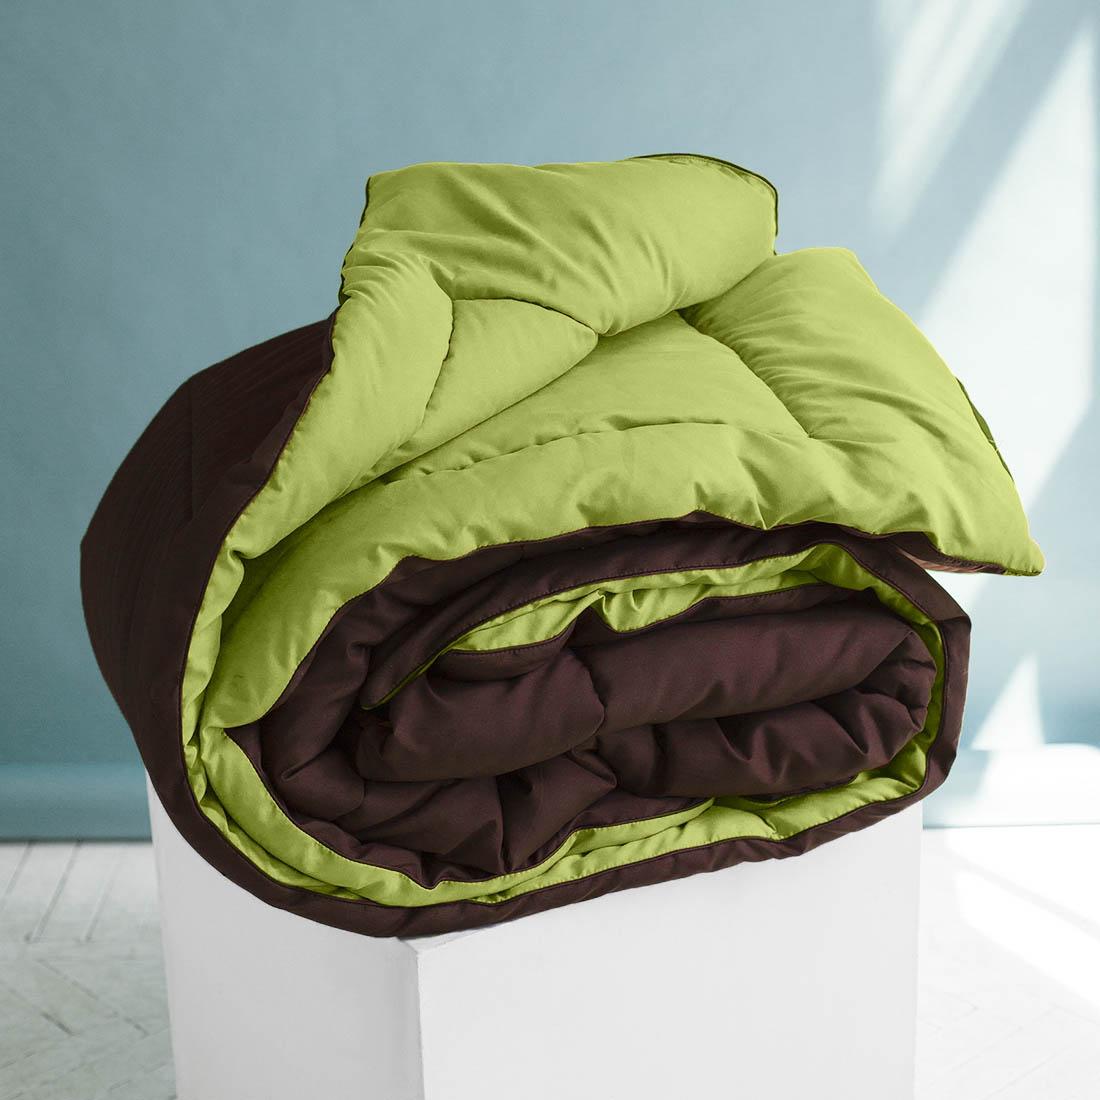 Одеяло Sleep iX, наполнитель: силиконизированное волокно, цвет: светло-зеленый, коричневый, 220 х 240 см. pva319994pva319994Особая технология позволяет использовать это одеяло без пододеяльника, не опасаясь износа.Материал чехла MicroSkin - это гладкая и шелковистая ткань с легким блеском, по своему виду не уступает натуральному хлопку. Хорошо сохраняет тепло, очень приятна на ощупь, прочна и устойчива к стирке.Силиконизированное волокно делают из тонких волокон полиэфира, обработанных силиконом. Одеяло с таким наполнителем отлично сохраняет тепло, создавая максимальный комфорт и уют. Силиконизированное волокно отлично держит форму, не сбиваясь в комки. На ощупь наполнитель похож на пух, поэтому производители часто называют его искусственным пухом. Одеяло с полиэфирным наполнителем отлично подойдёт людям, страдающим аллергией, так как не впитывает запахи и отталкивает пыль. Кант делают из атласа или вискозы, он помогает изделию держать форму в течение многих лет. Кантик есть на многих объемных изделиях из текстиля, иногда его могут дополнительно прострочить по периметру или сделать широким.